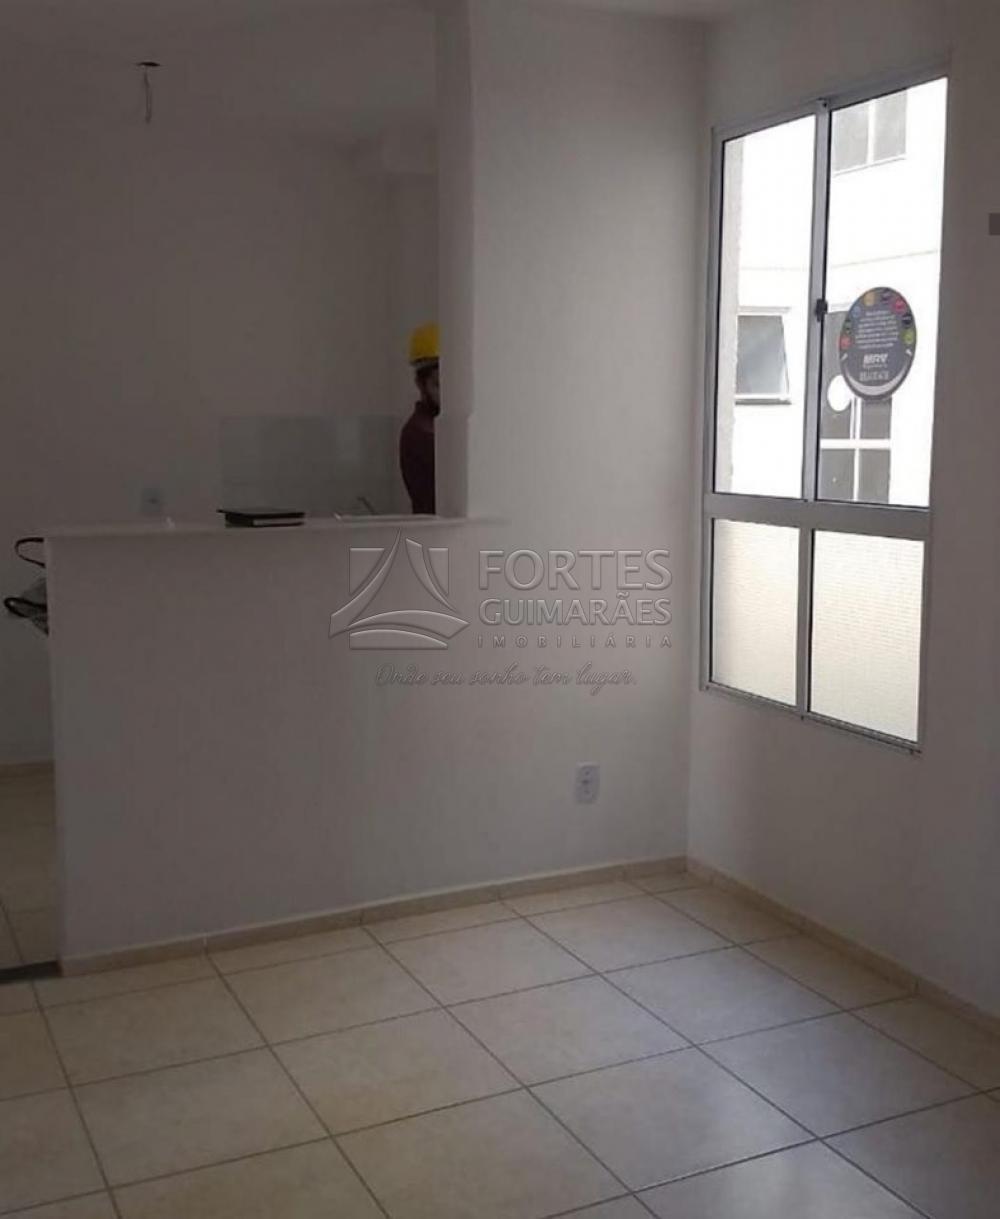 Alugar Apartamentos / Padrão em Ribeirão Preto apenas R$ 650,00 - Foto 1